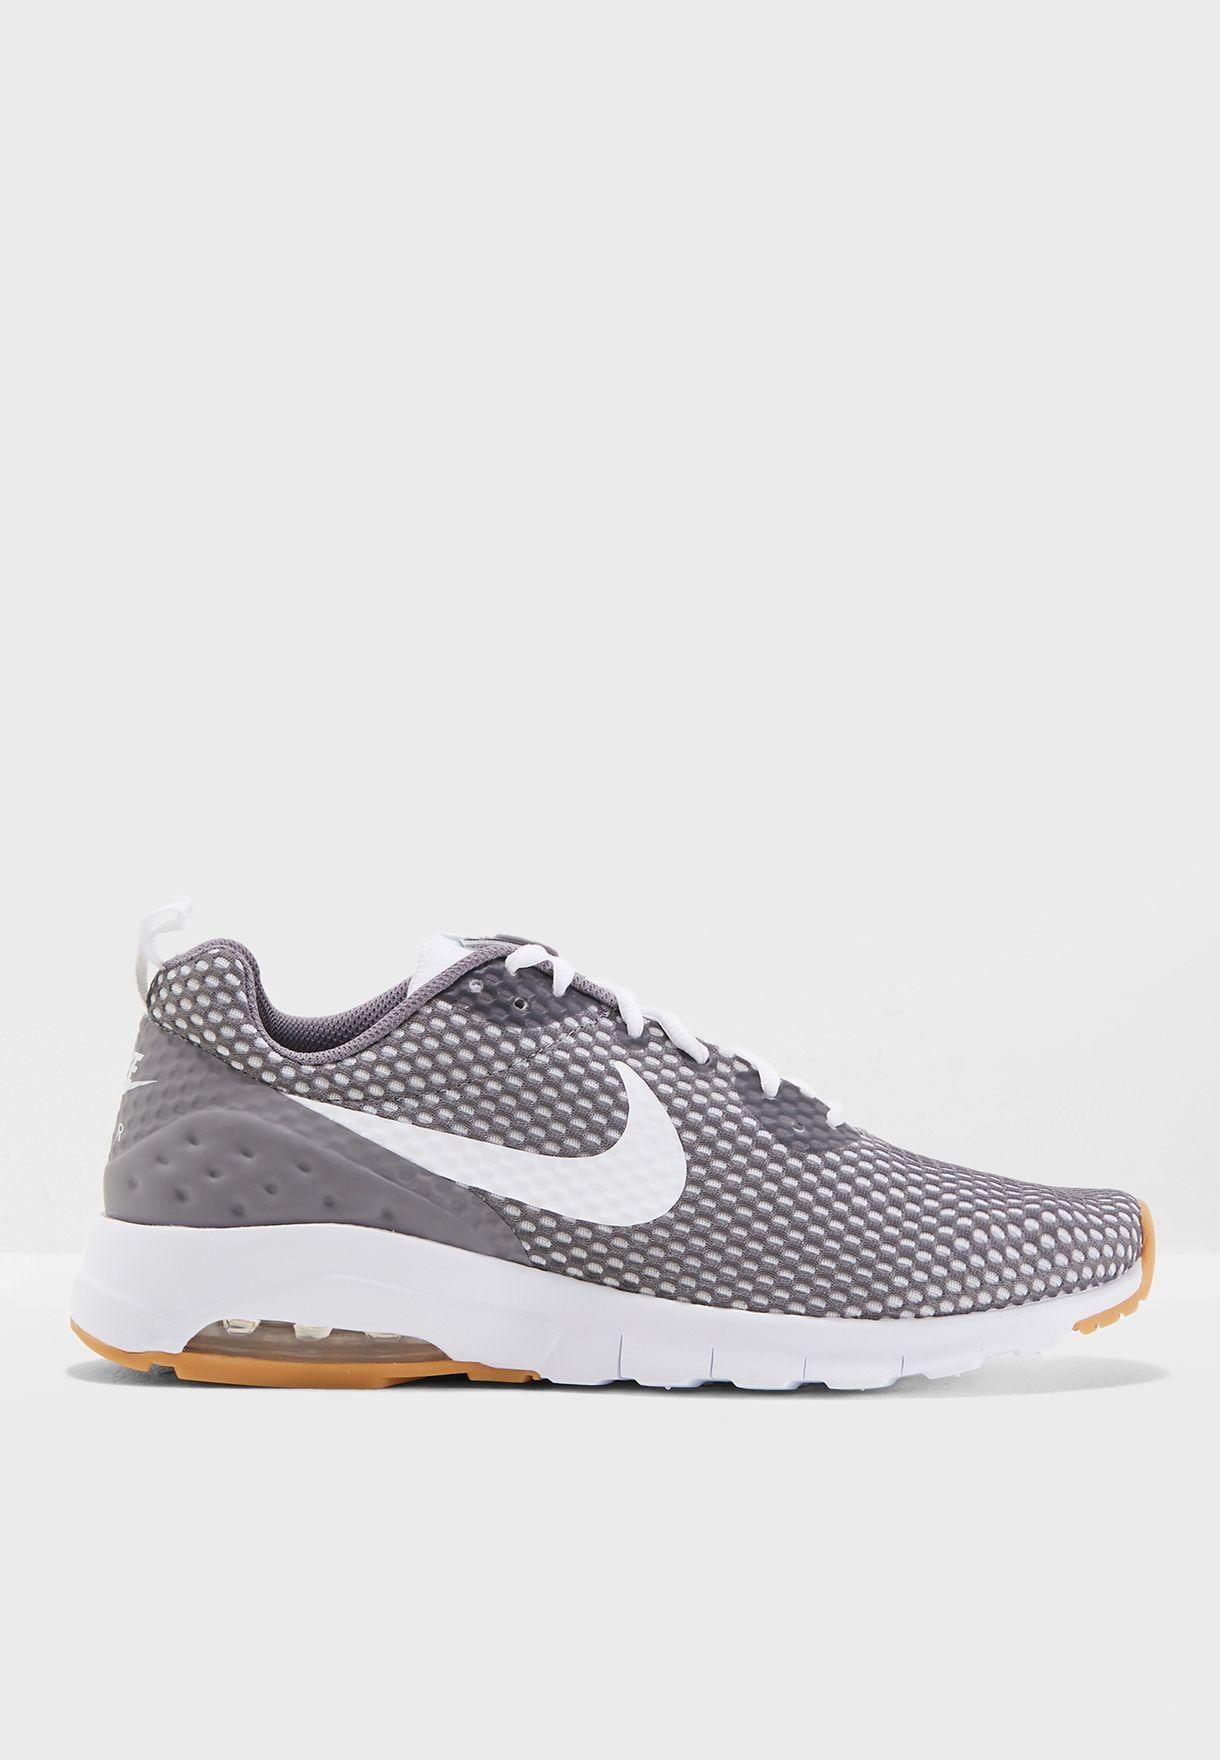 Grey In Max Lw 012 Shop Men 844836 Air Se Nike Motion Uae For 8Nnwm0